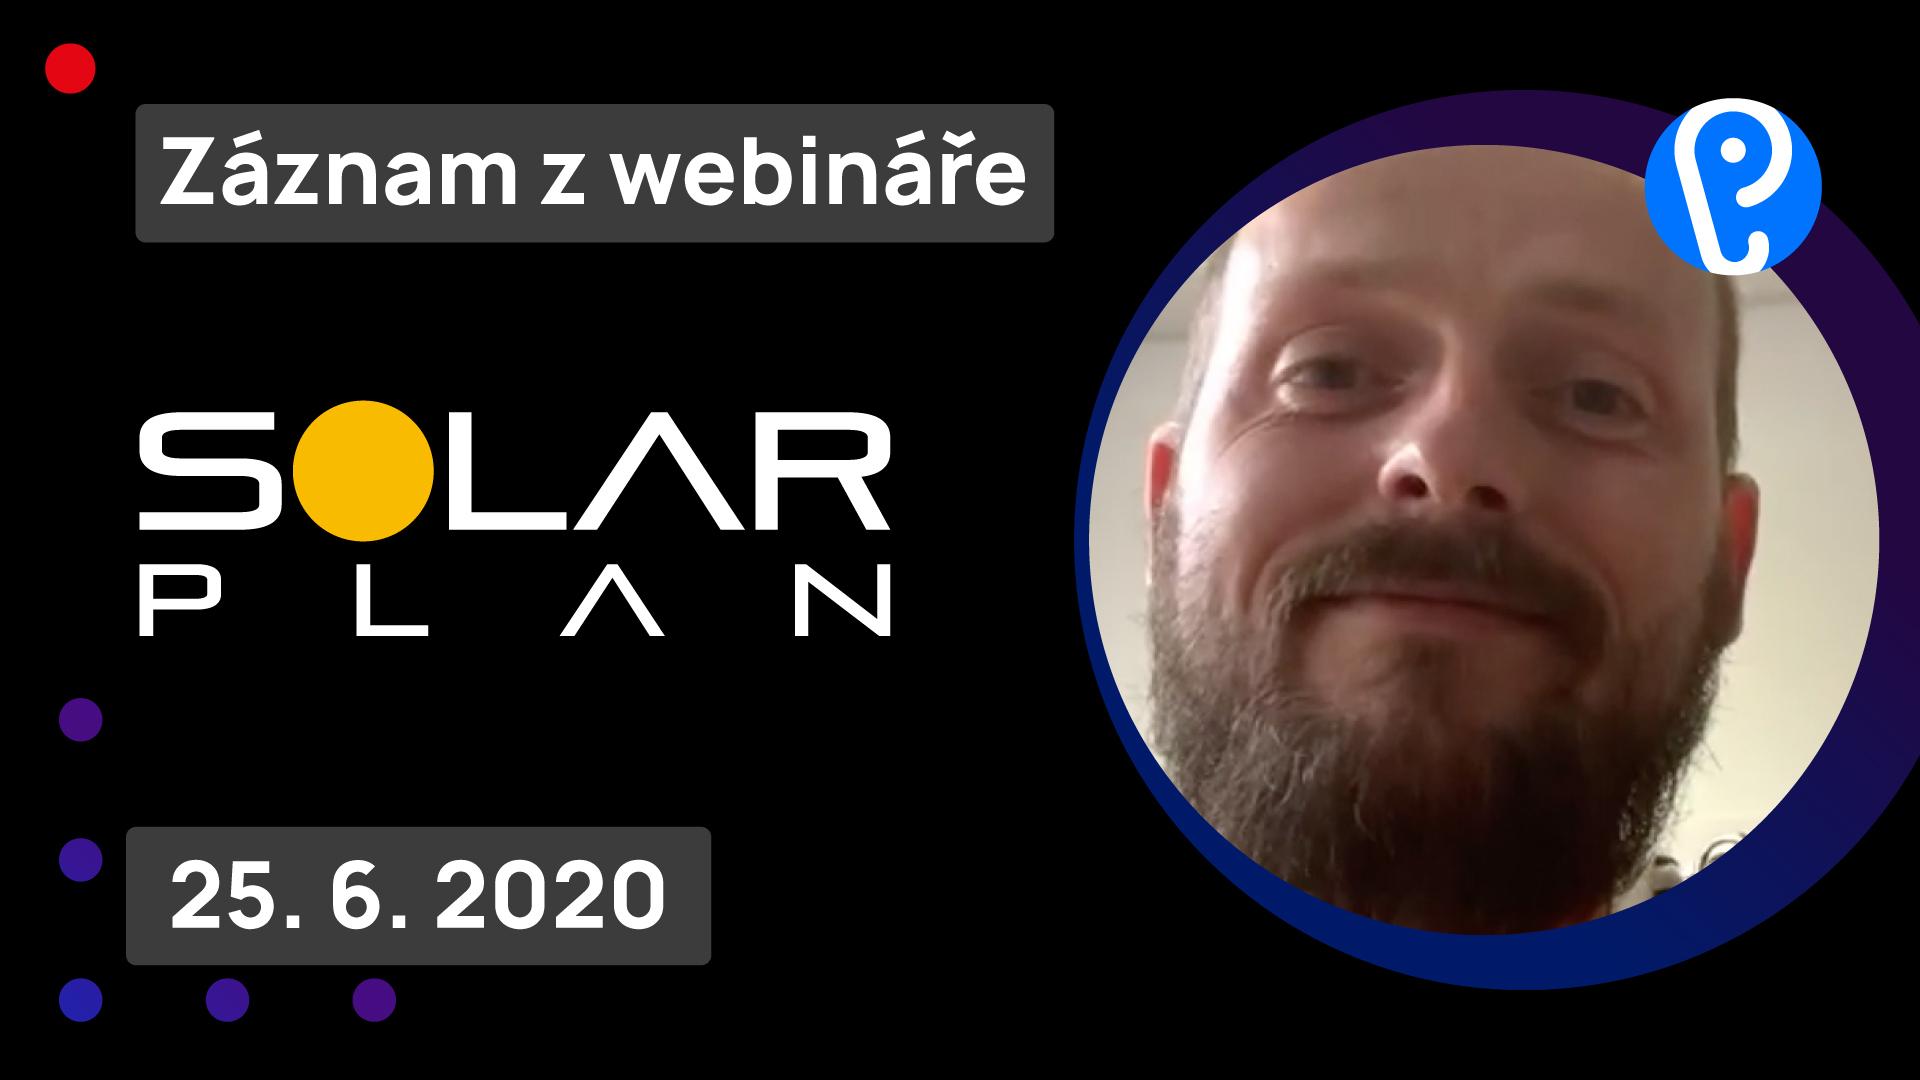 Záznam webináře se SOLARplan